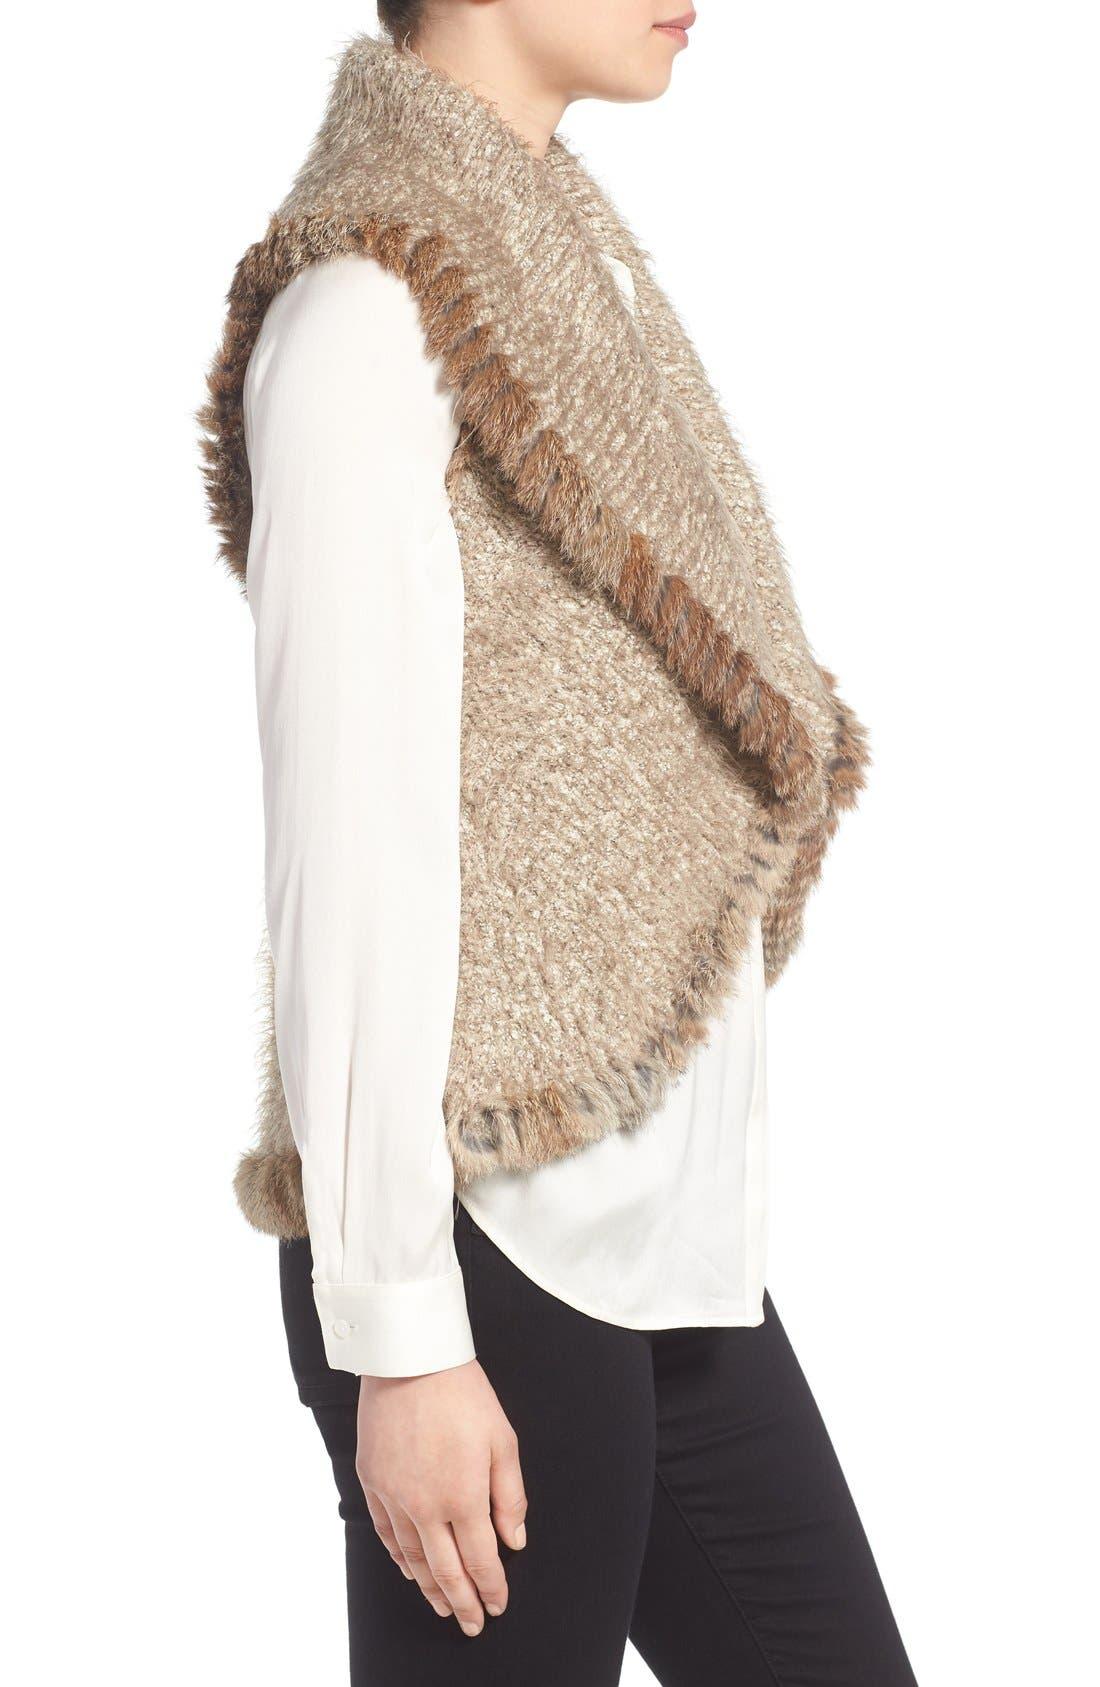 Knit Vest with Genuine Rabbit Fur Trim,                             Alternate thumbnail 11, color,